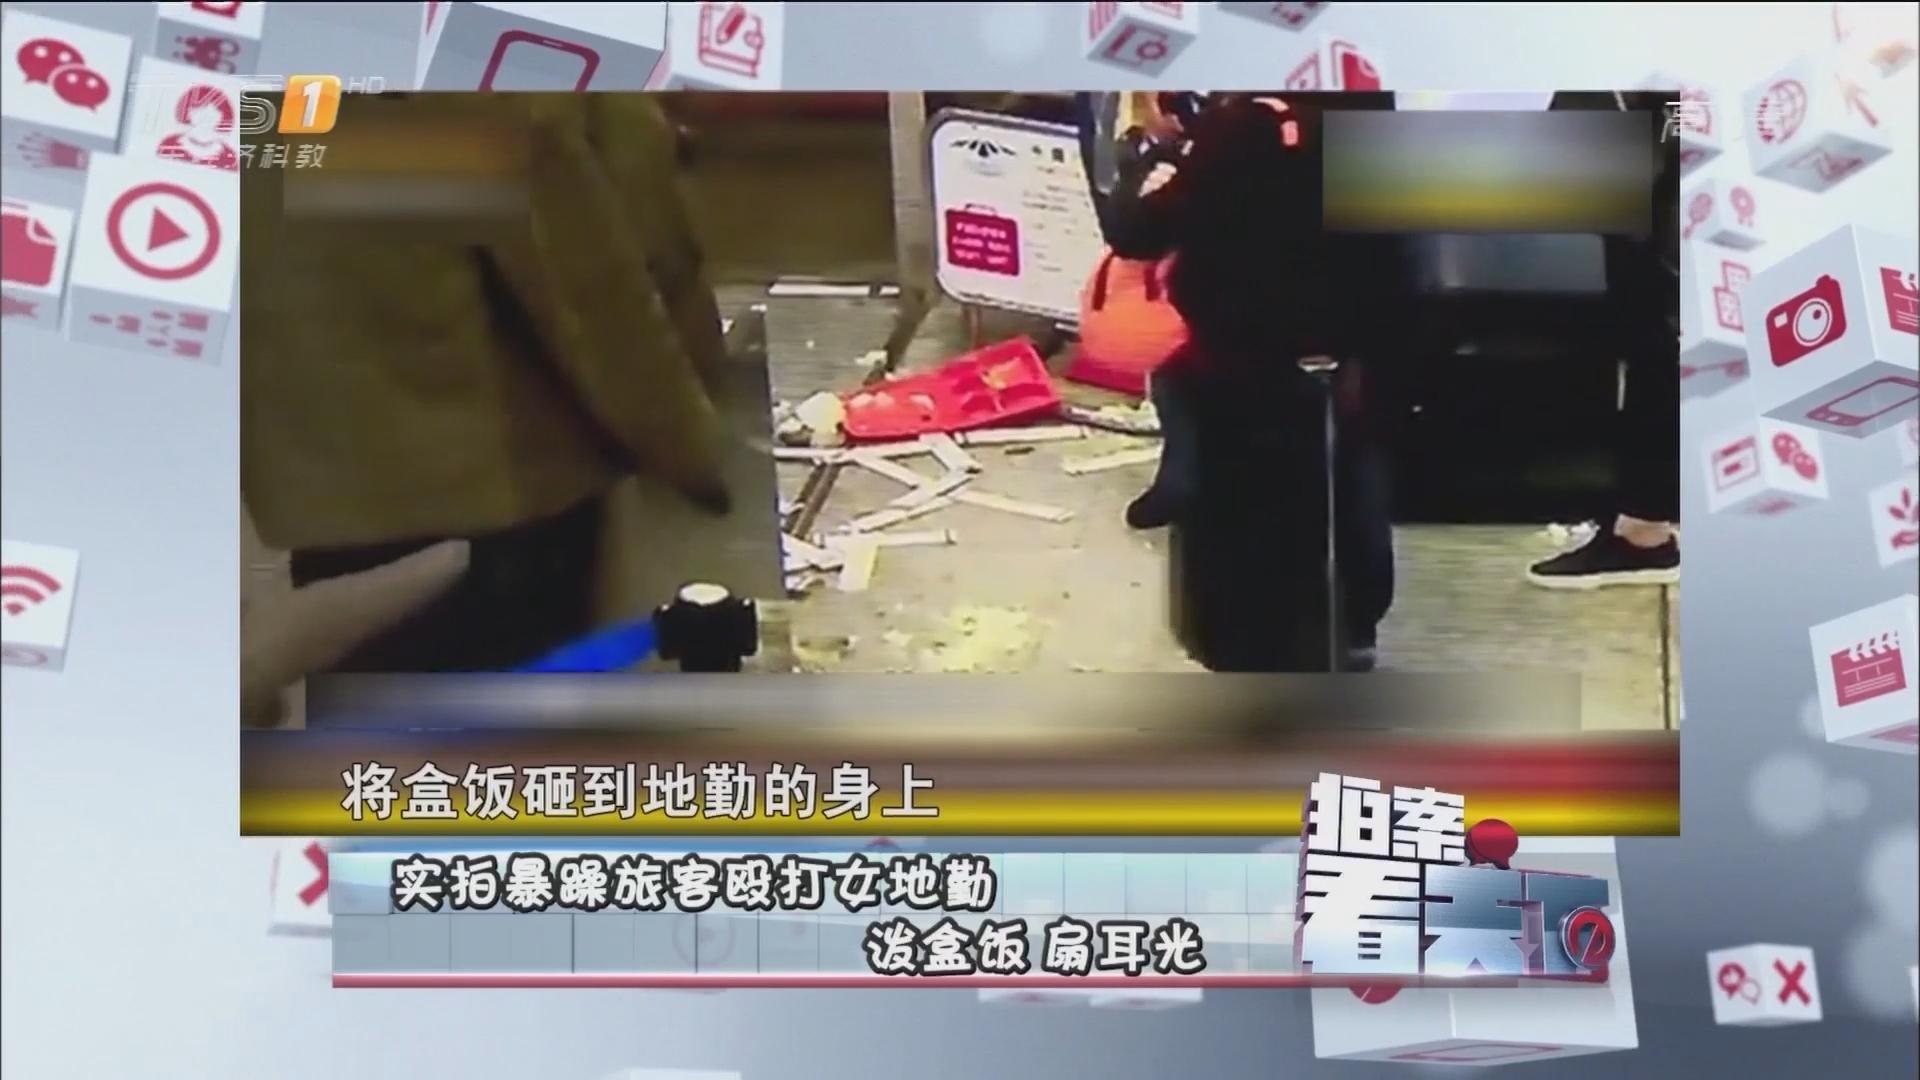 实拍暴躁旅客殴打女地勤 泼盒饭 扇耳光